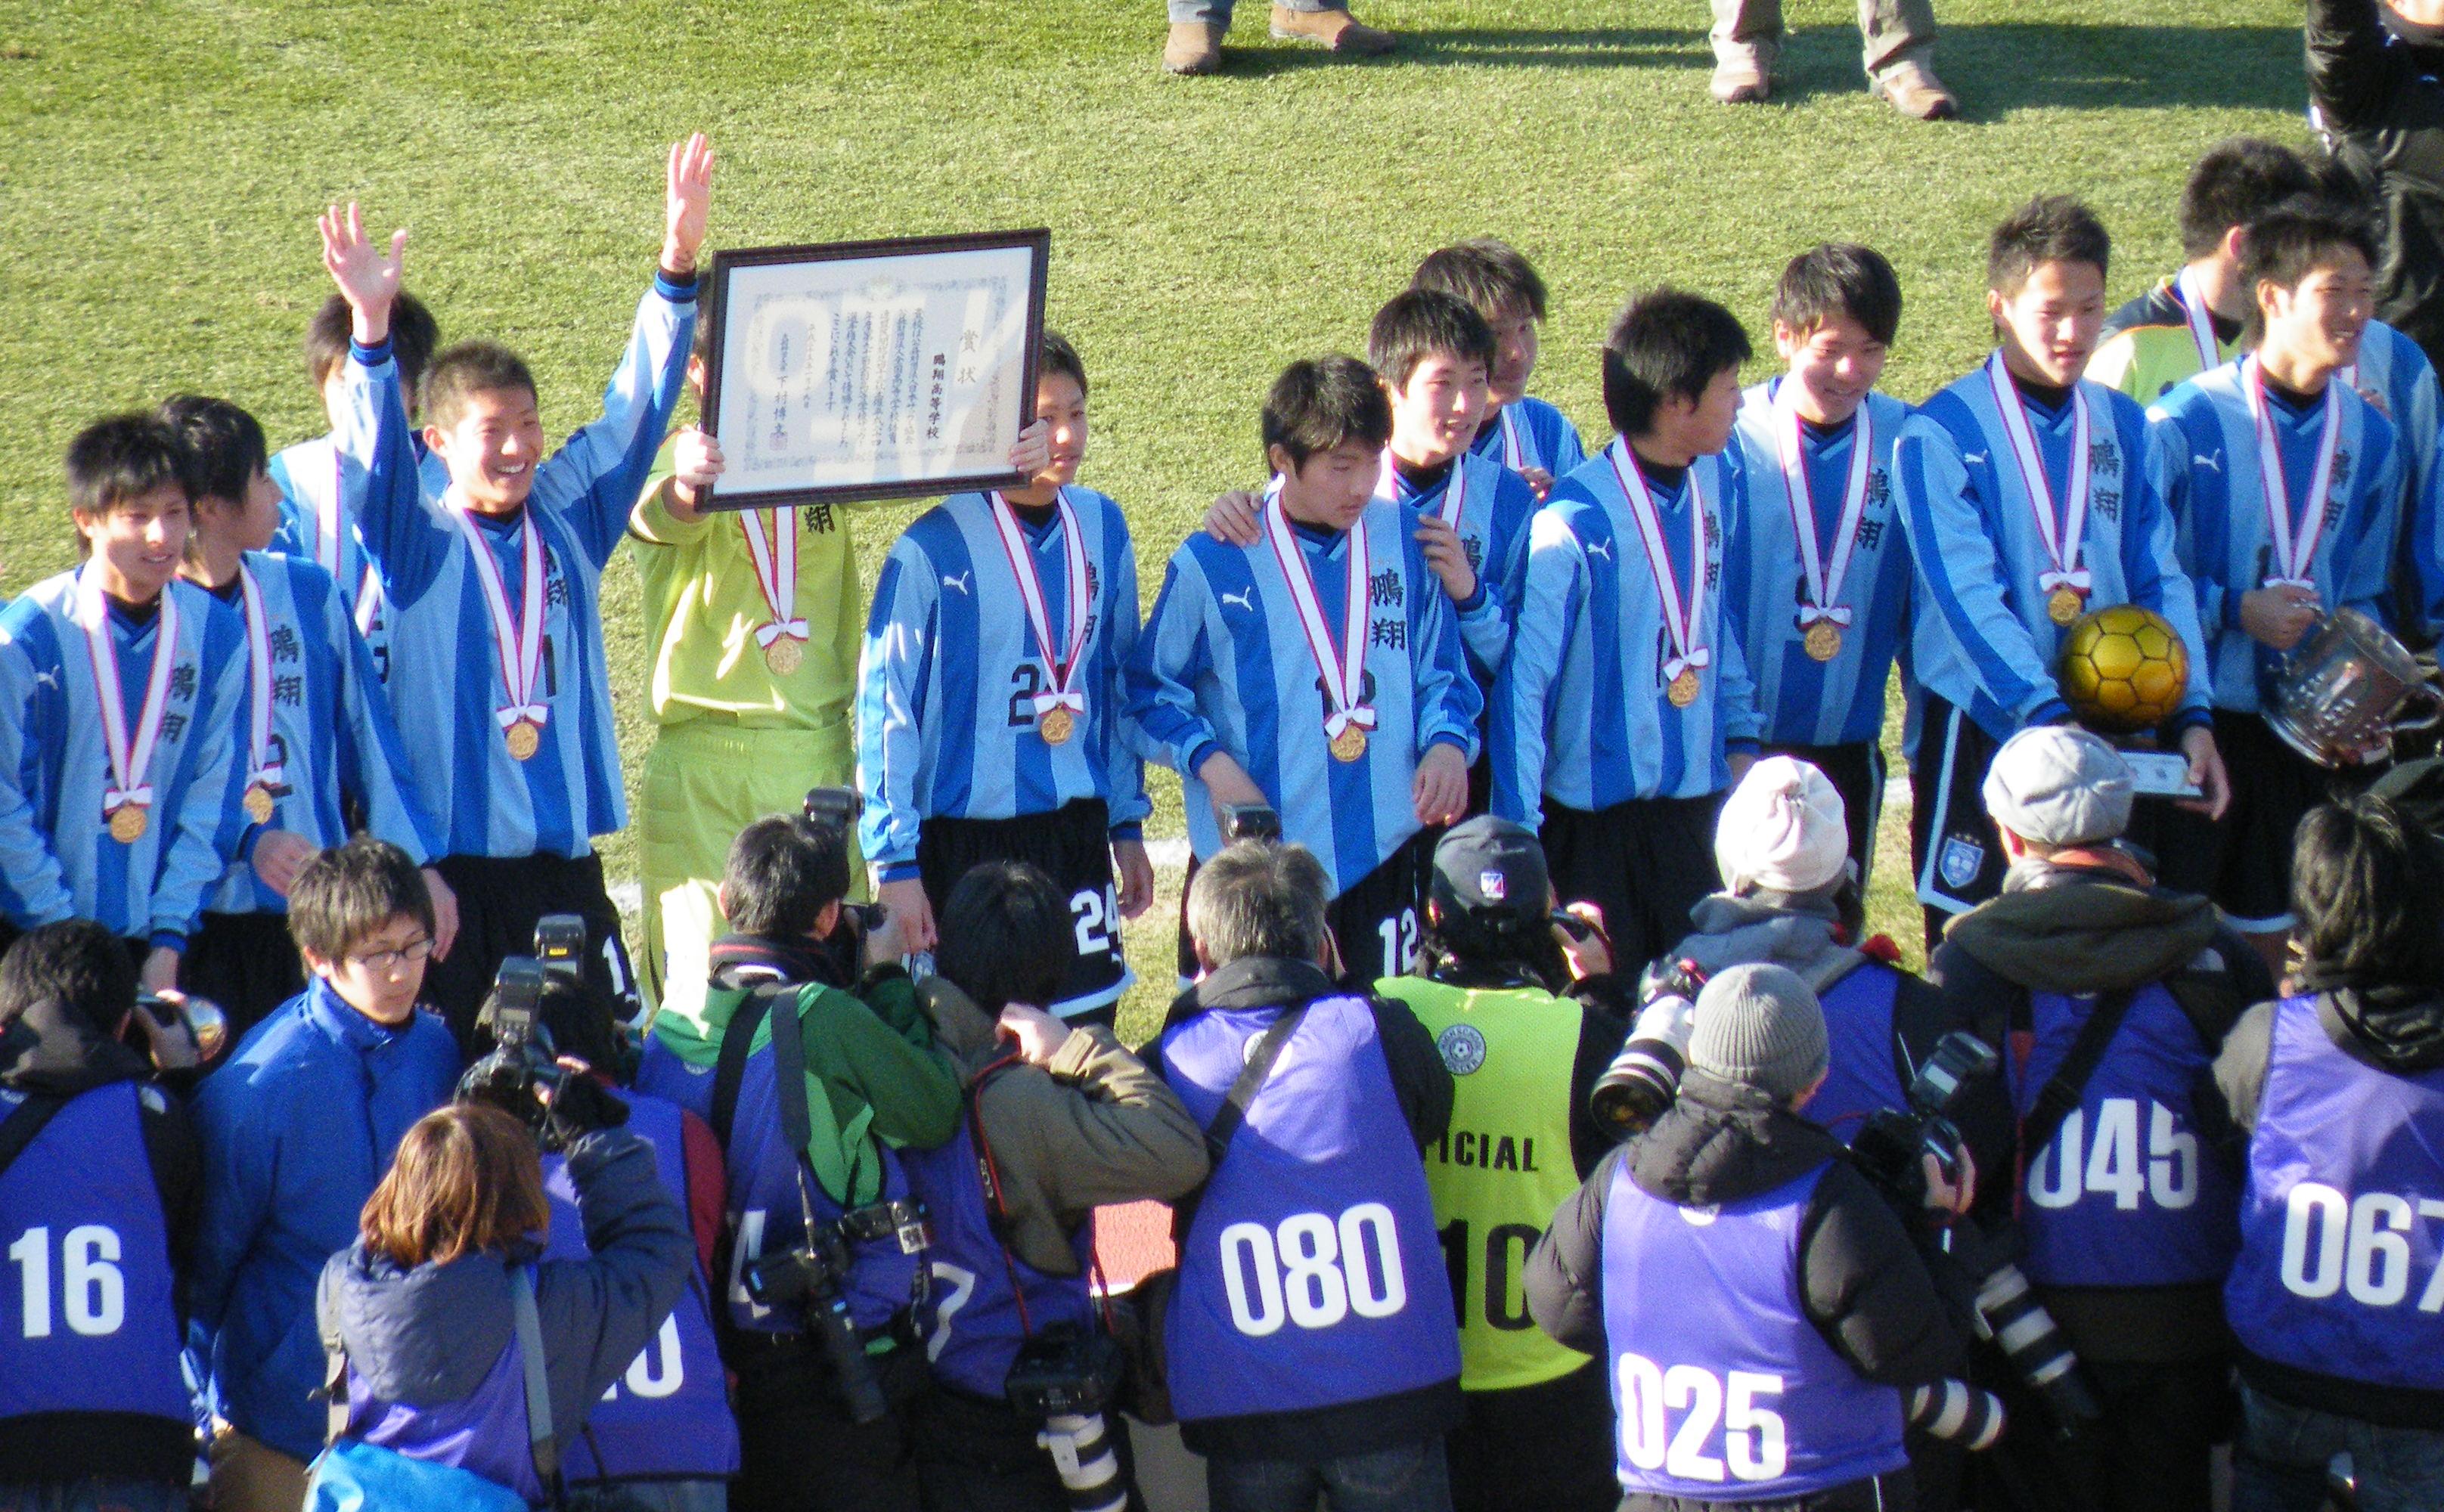 優勝 高校 サッカー 両校